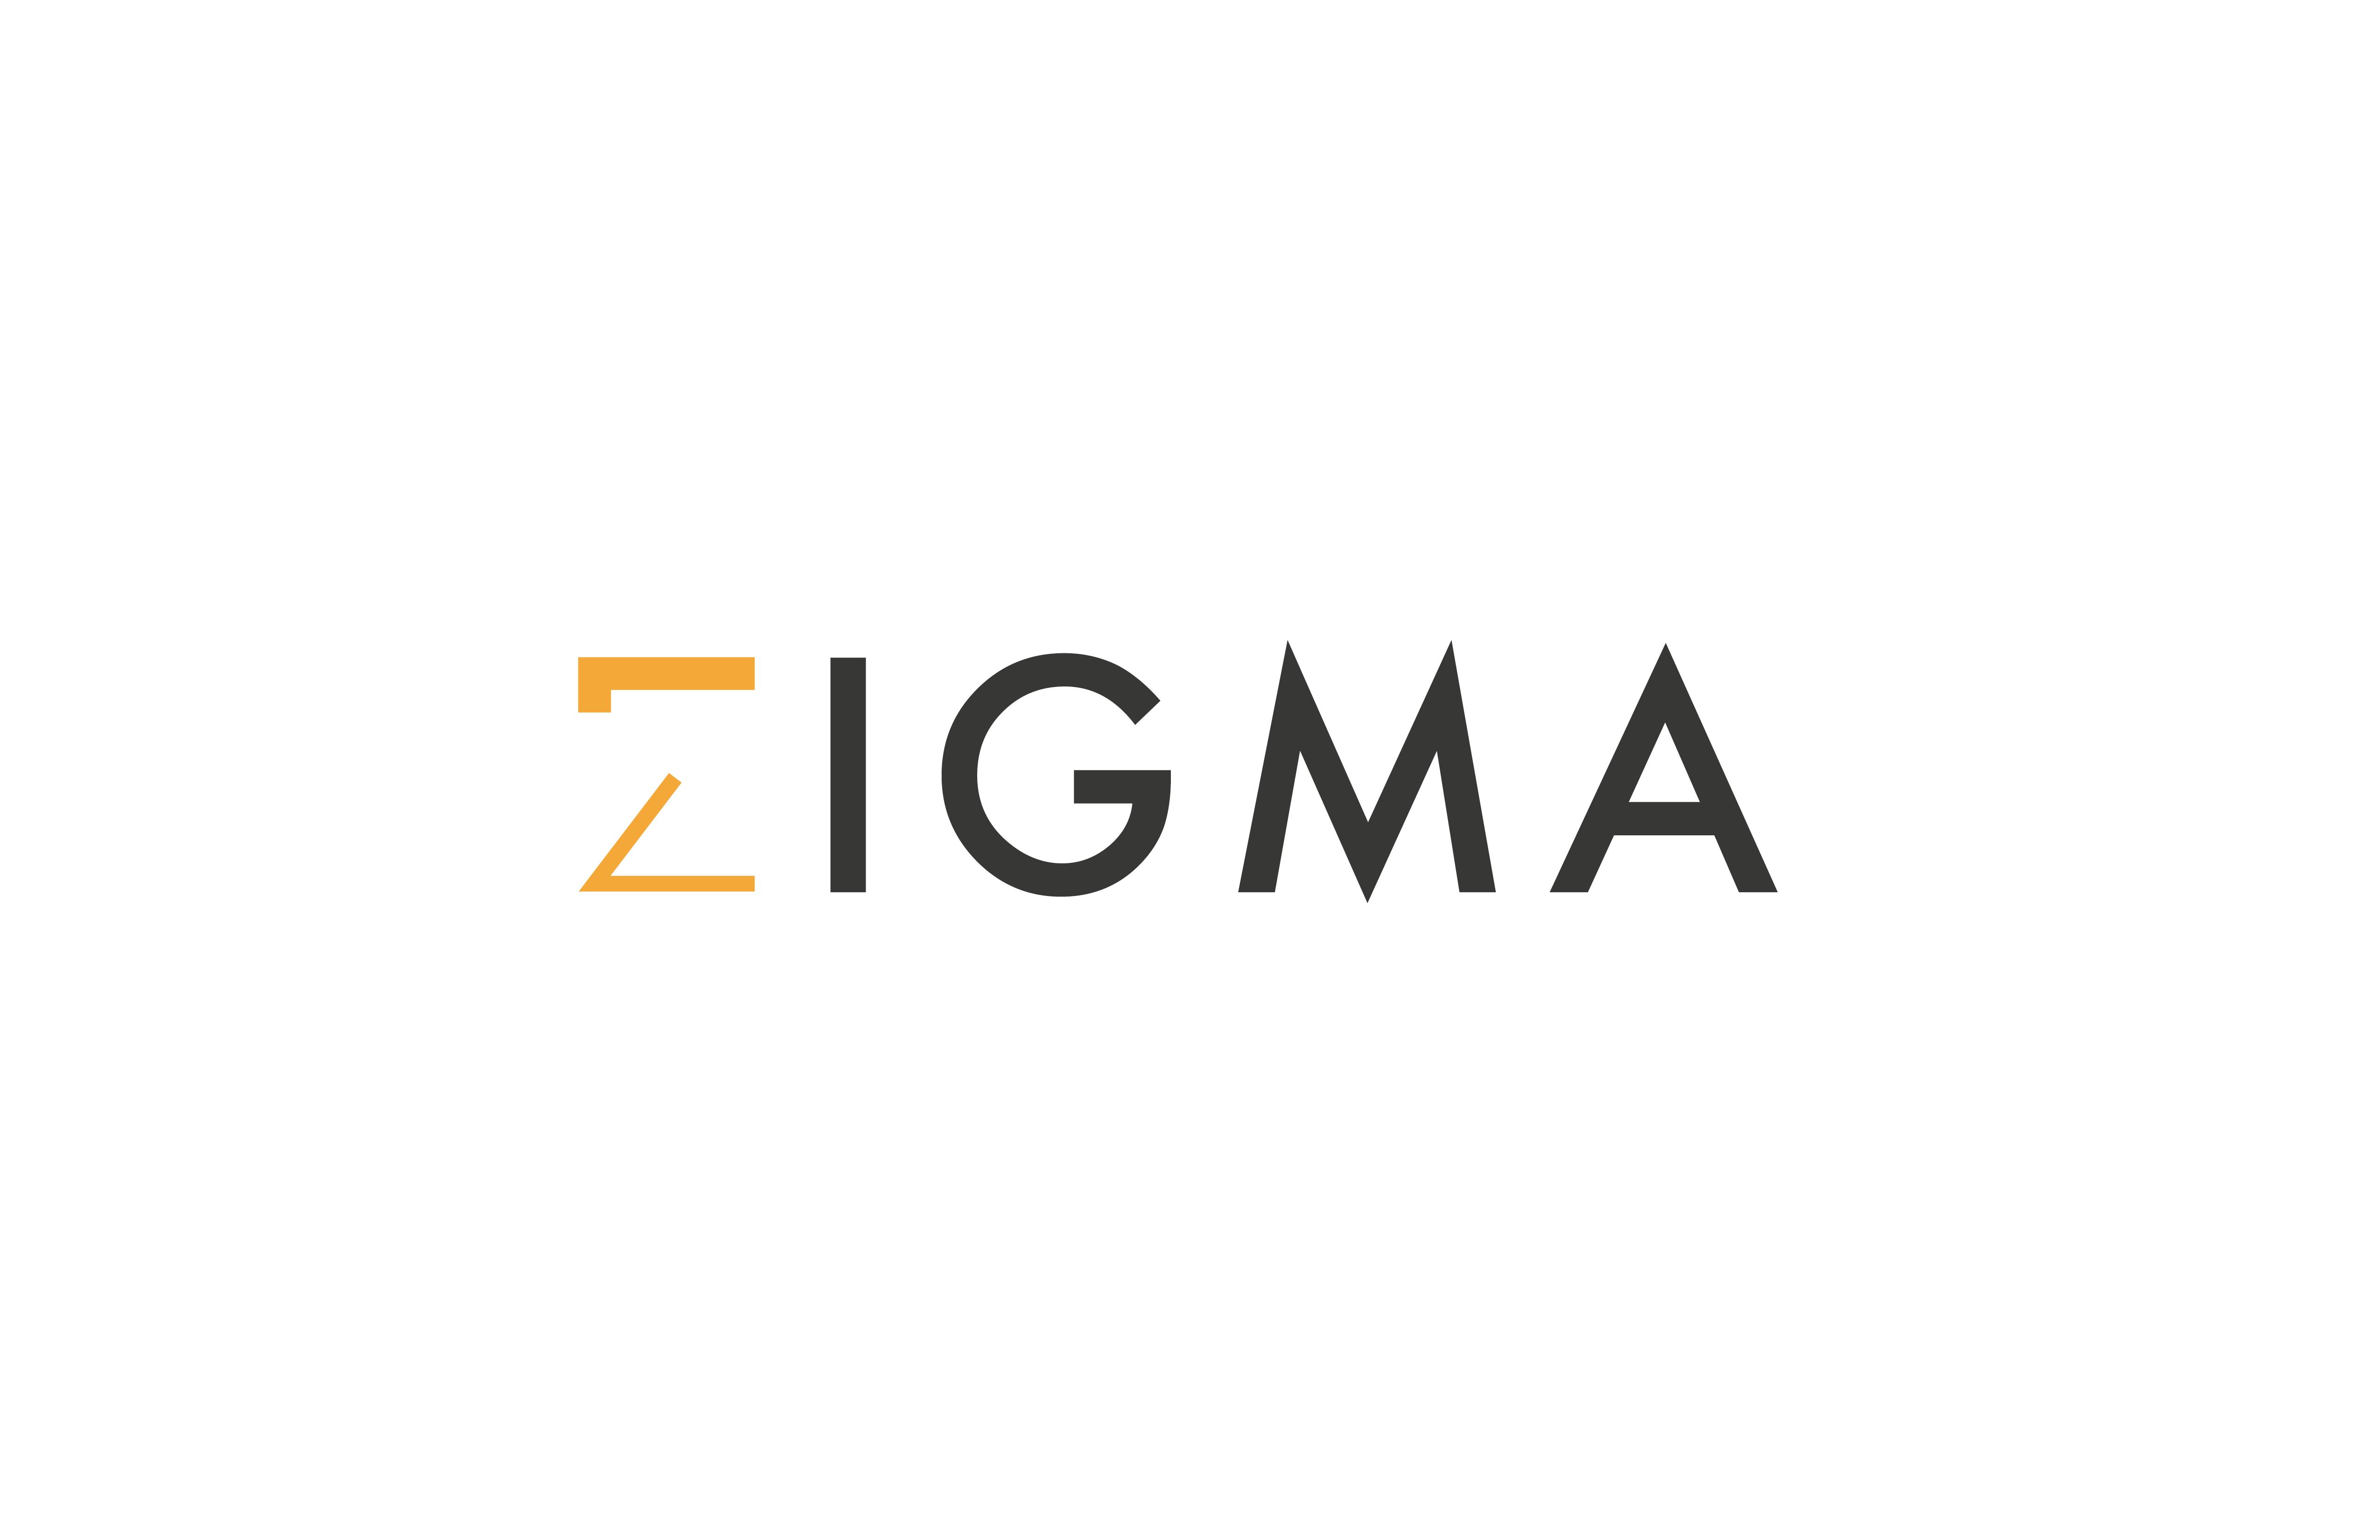 zigma stationery-02